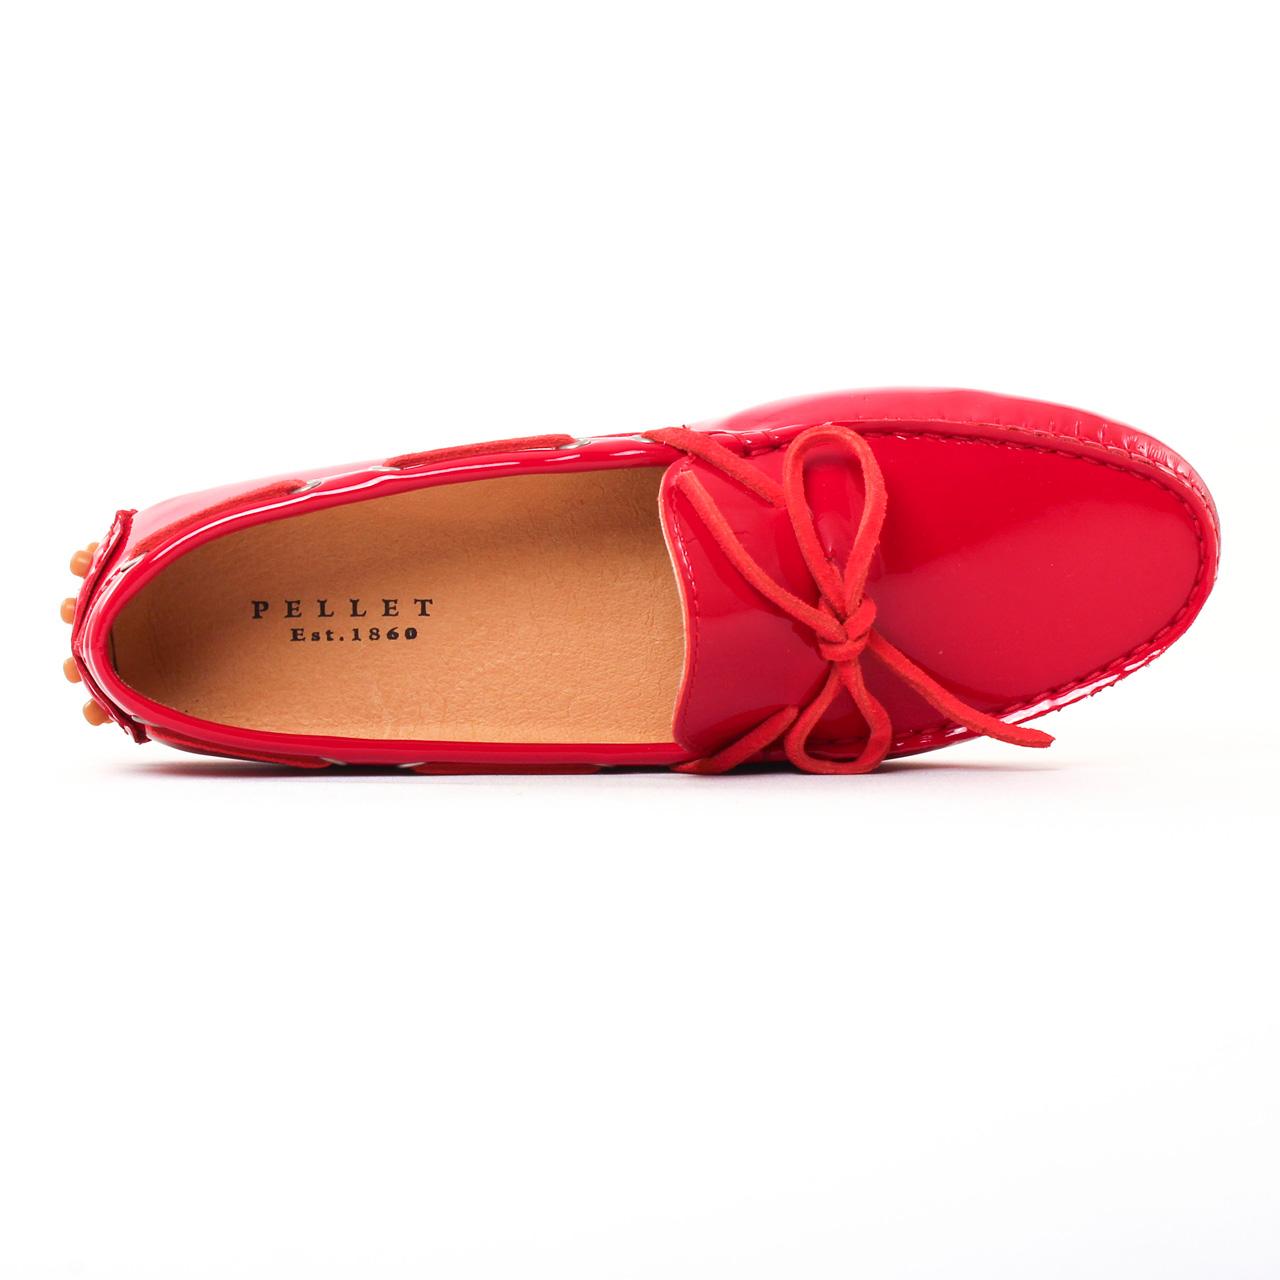 589a90c4a7e688 Christian Pellet Thelma Rouge | mocassins rouge printemps été chez ...